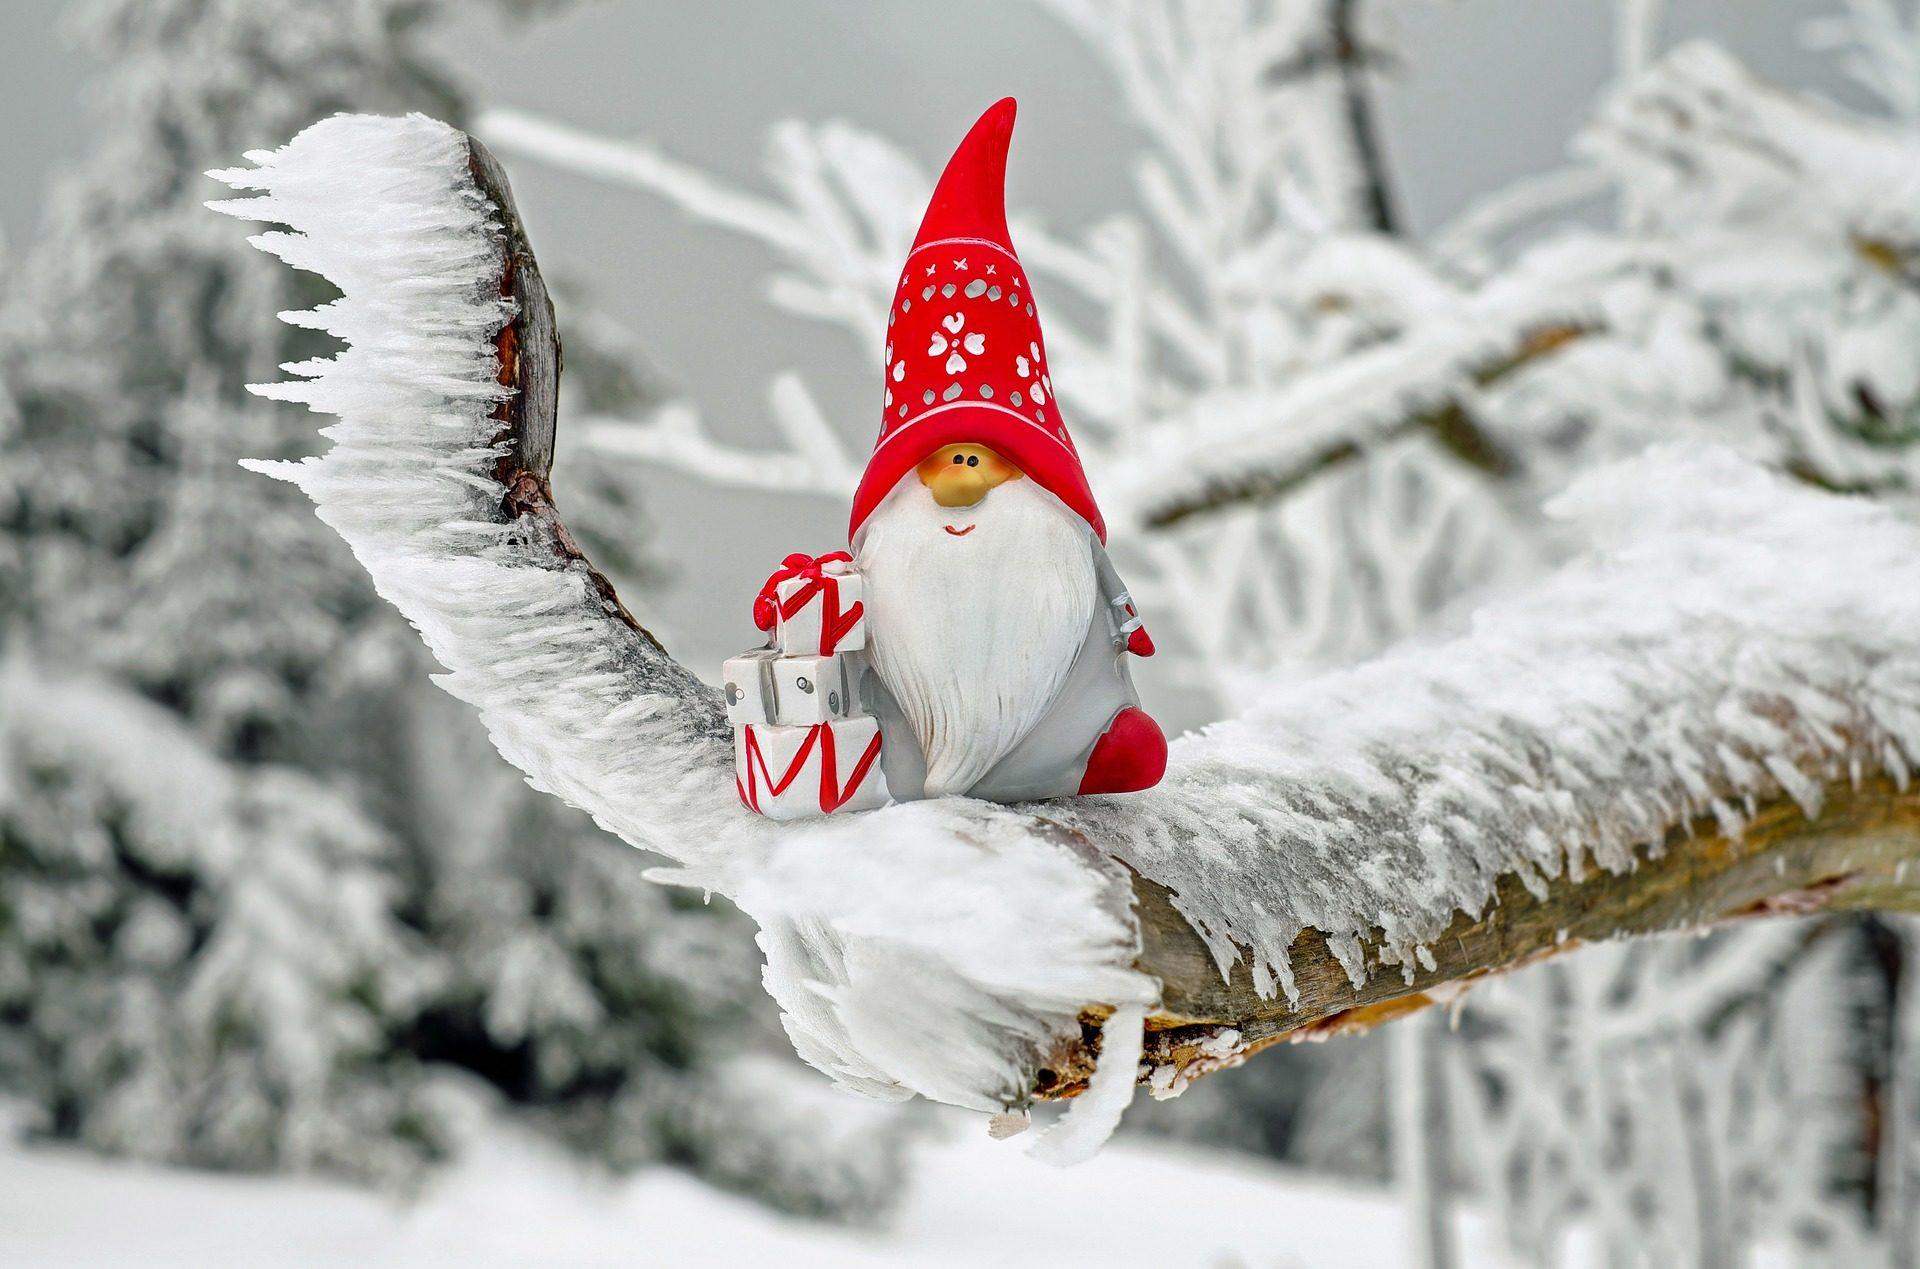 santa claus, सांता क्लॉस, शाखा, nieve, बर्फ, उपहार, क्रिसमस, शीतकालीन - HD वॉलपेपर - प्रोफेसर-falken.com